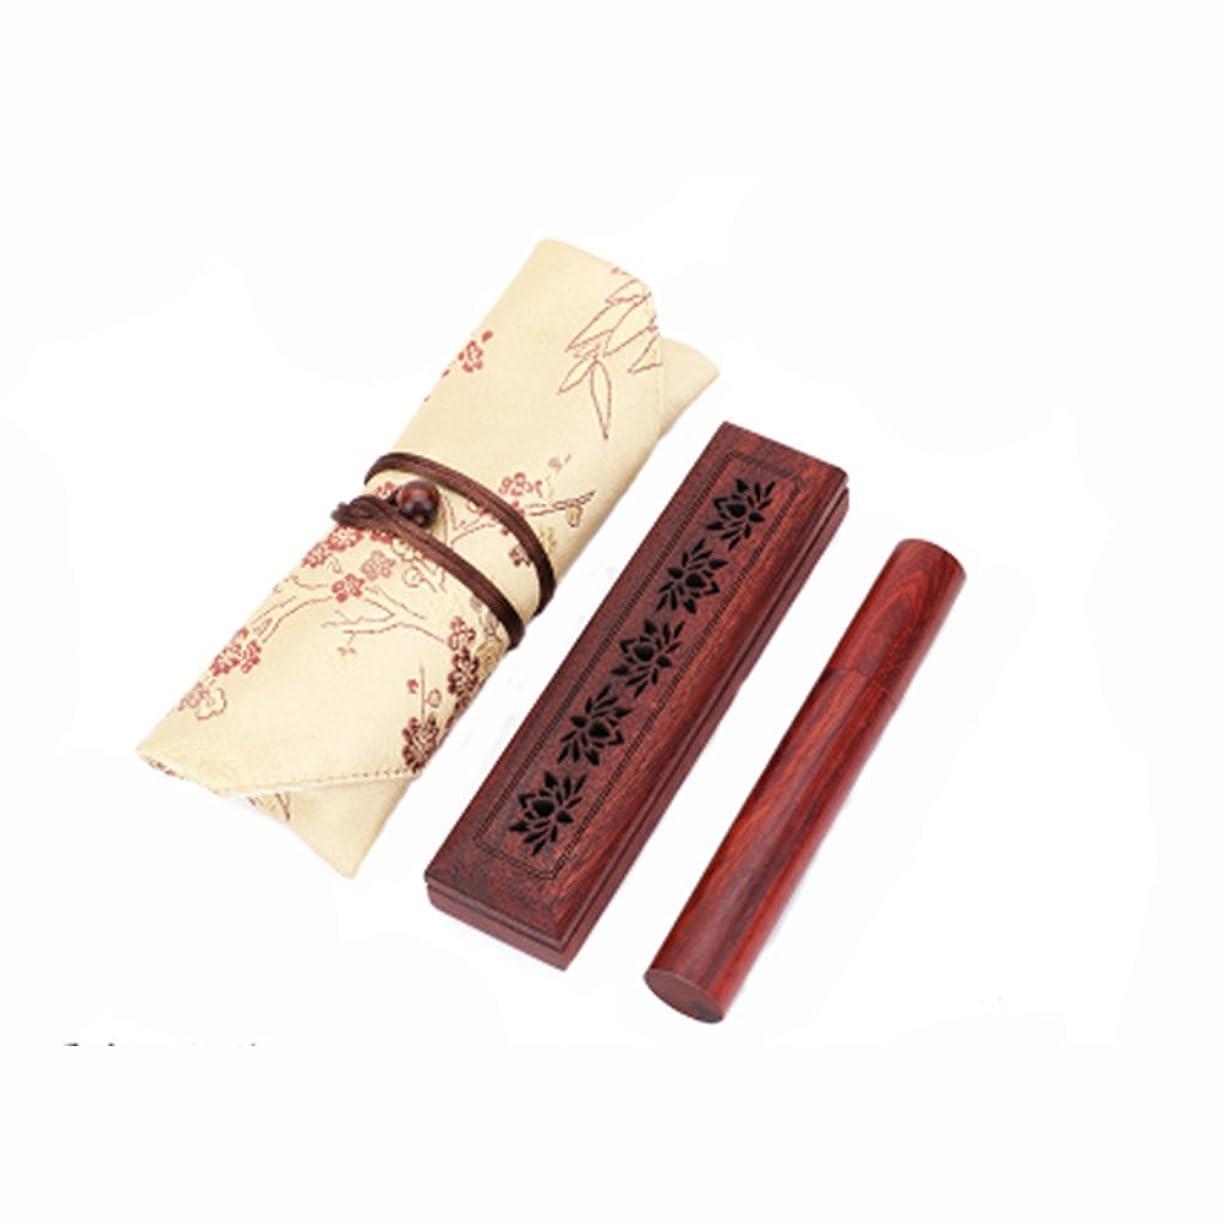 引用見捨てられた呪いKagoMsa お香箱 木製 お香立て おしゃれ インセンス インド 高級感 インテリア ハンドクラフト インド雑貨 アジアン雑貨 プレゼント セット スティック(6種類)